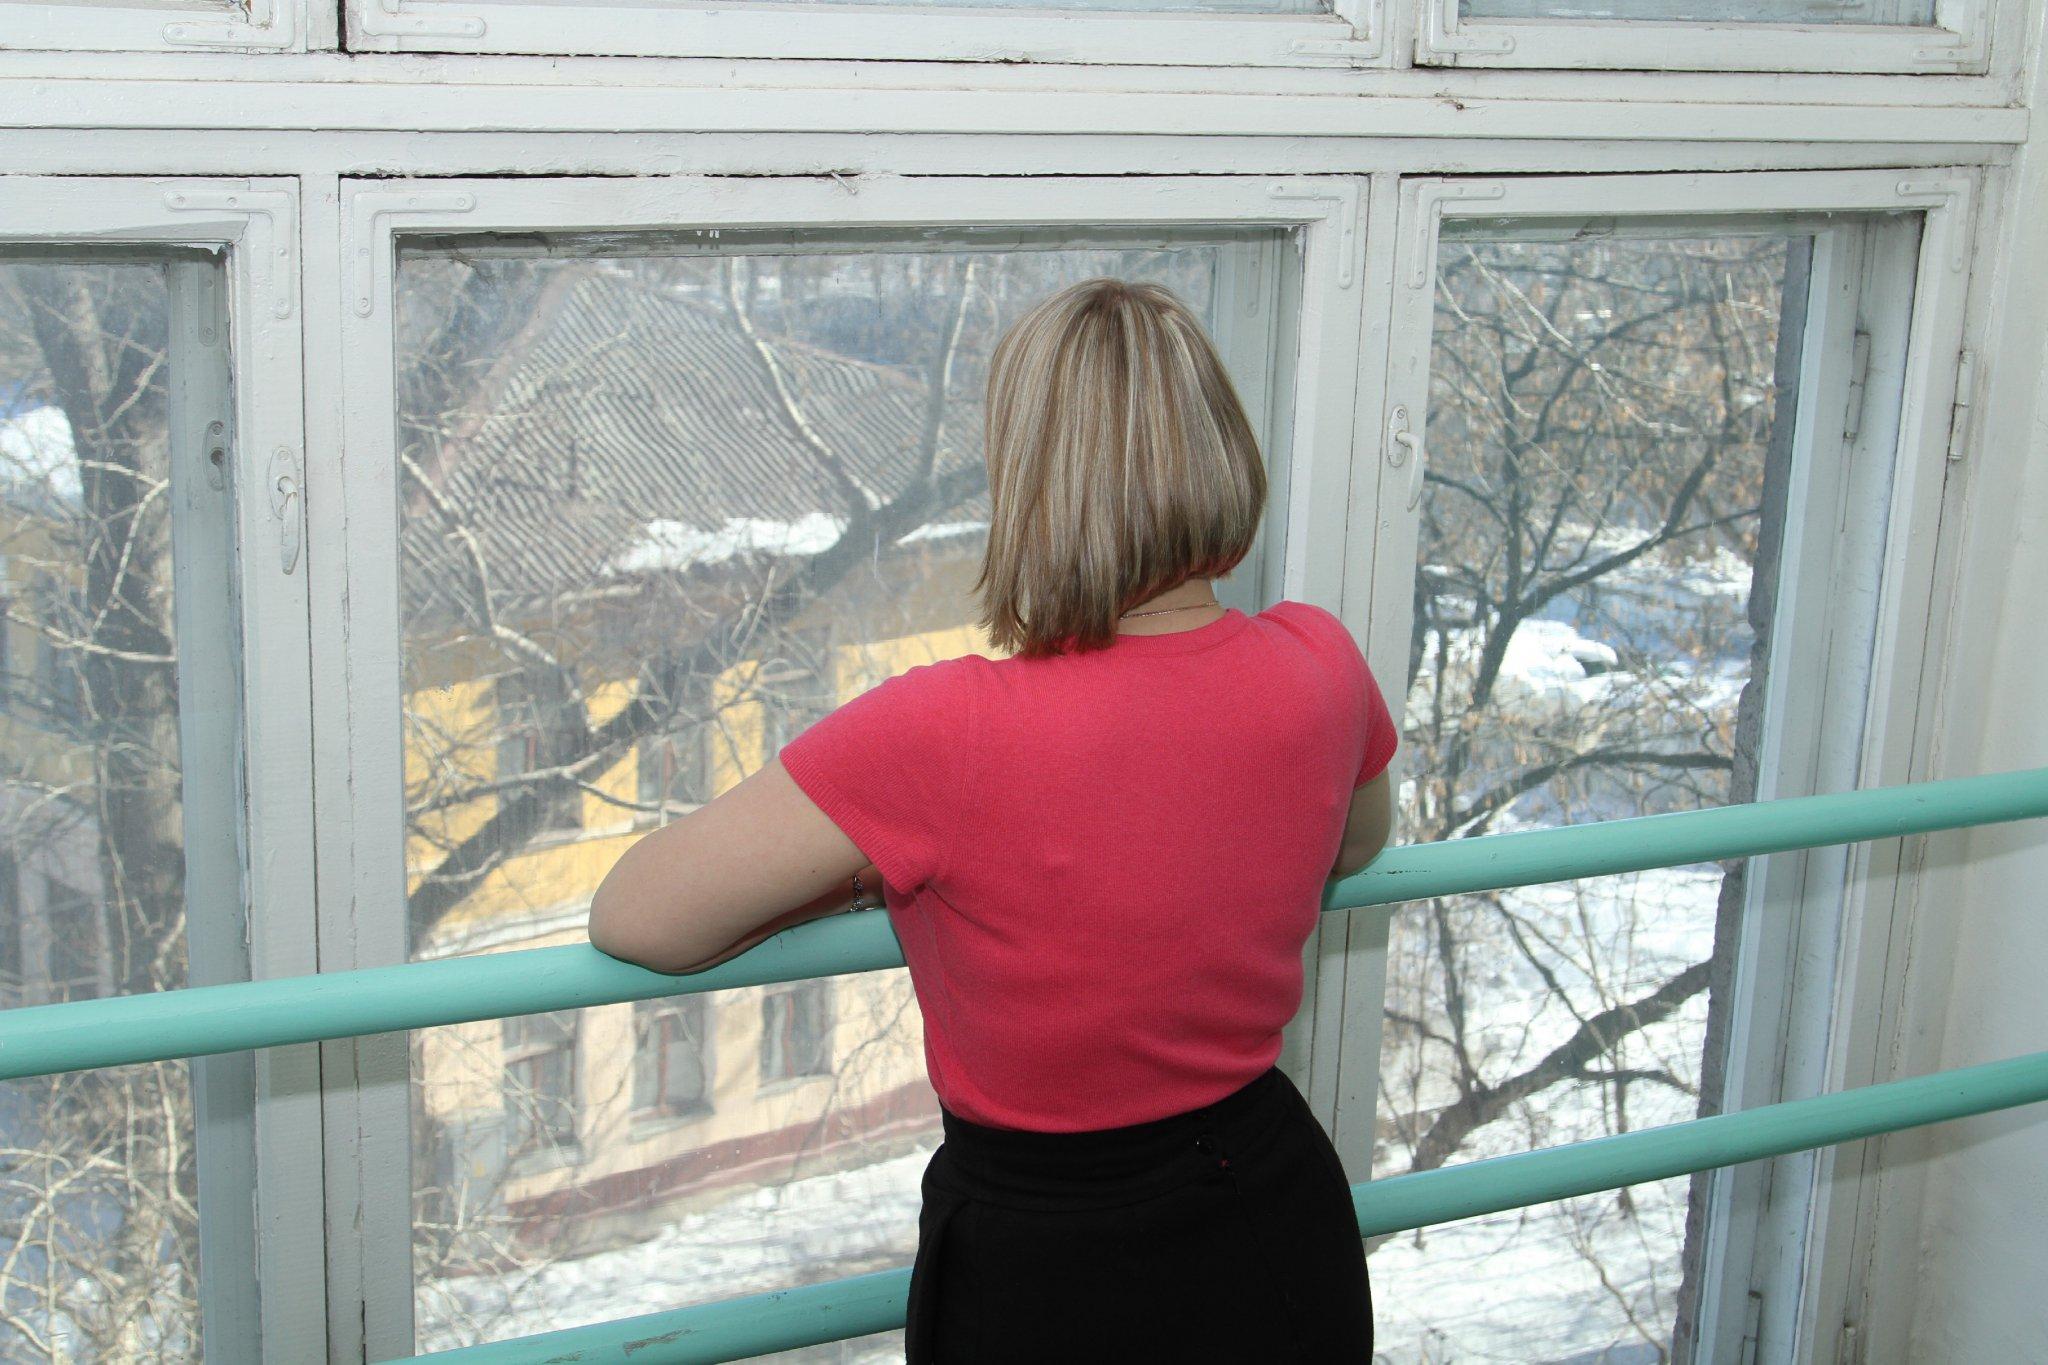 Интервью за 60 секунд: 37-летняя Юлия рассказала о том, как стала алкоголиком